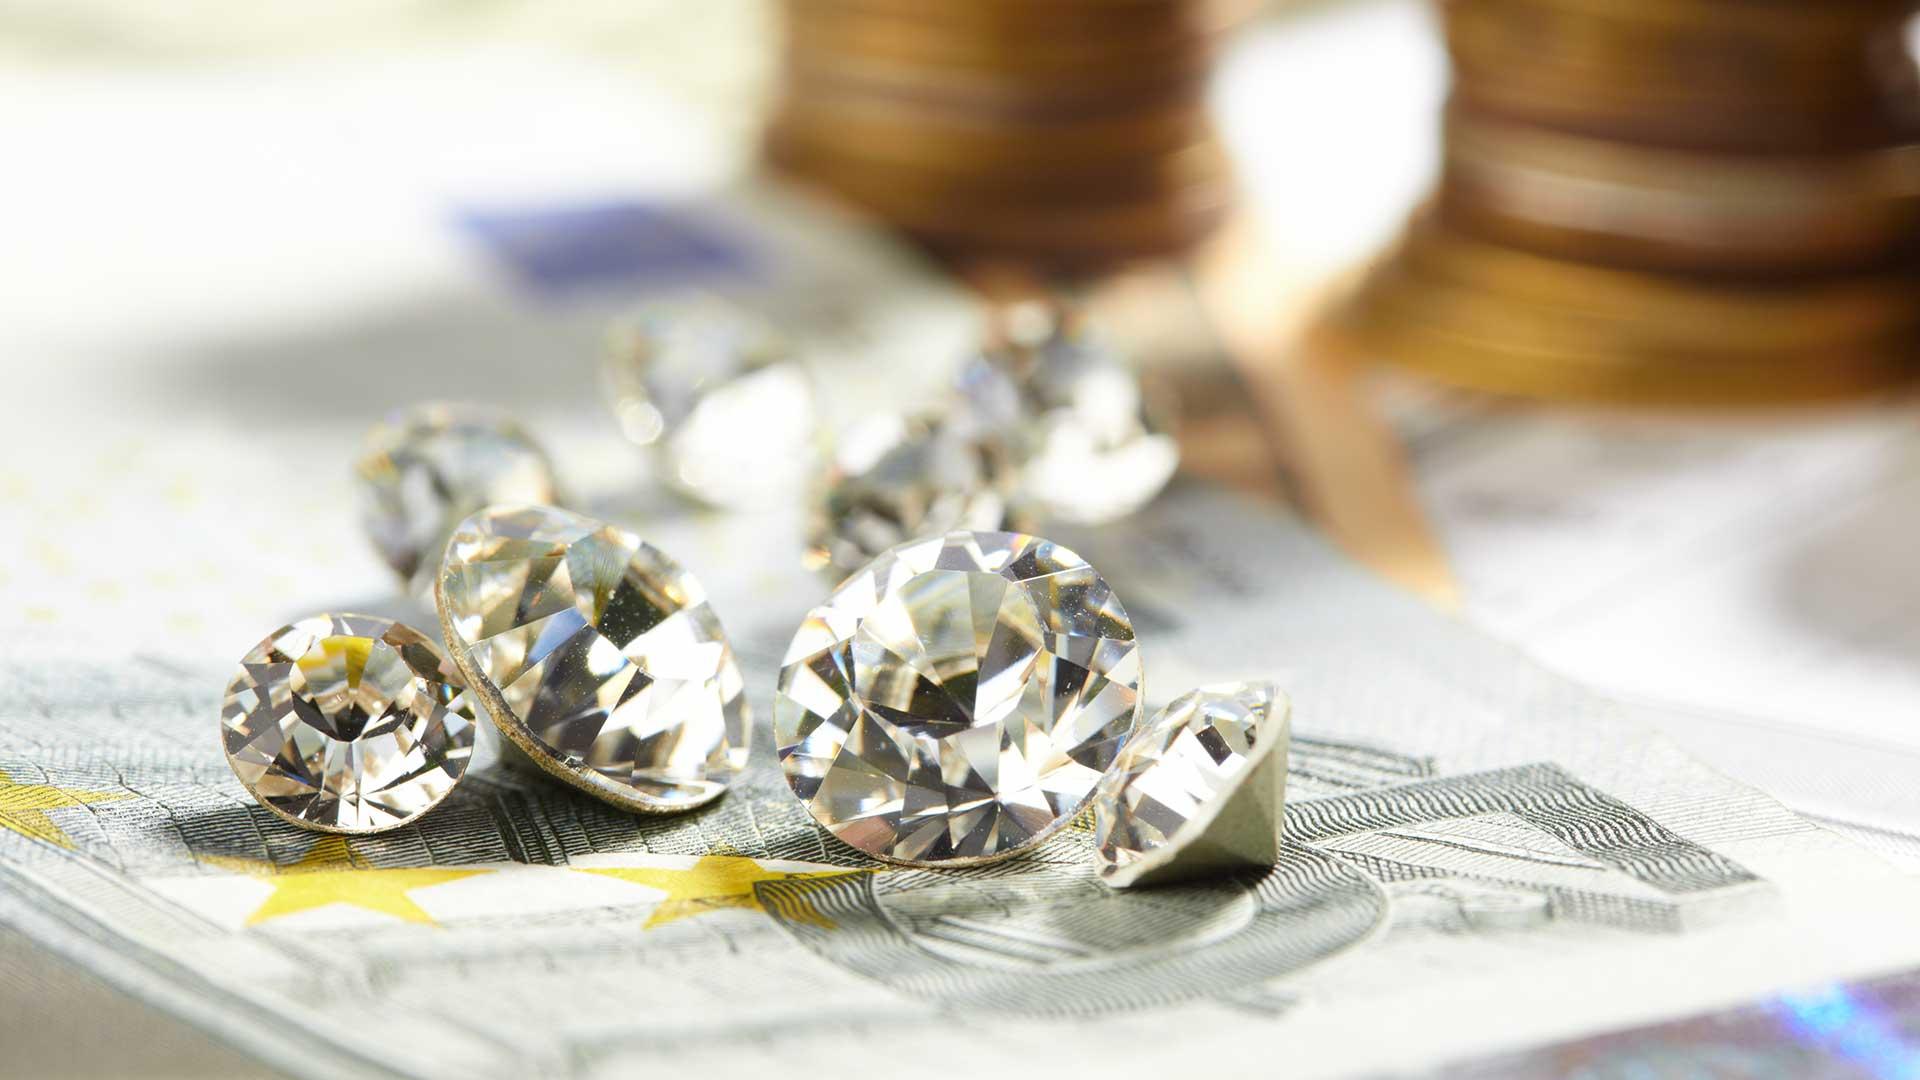 comment comparer prix diamant